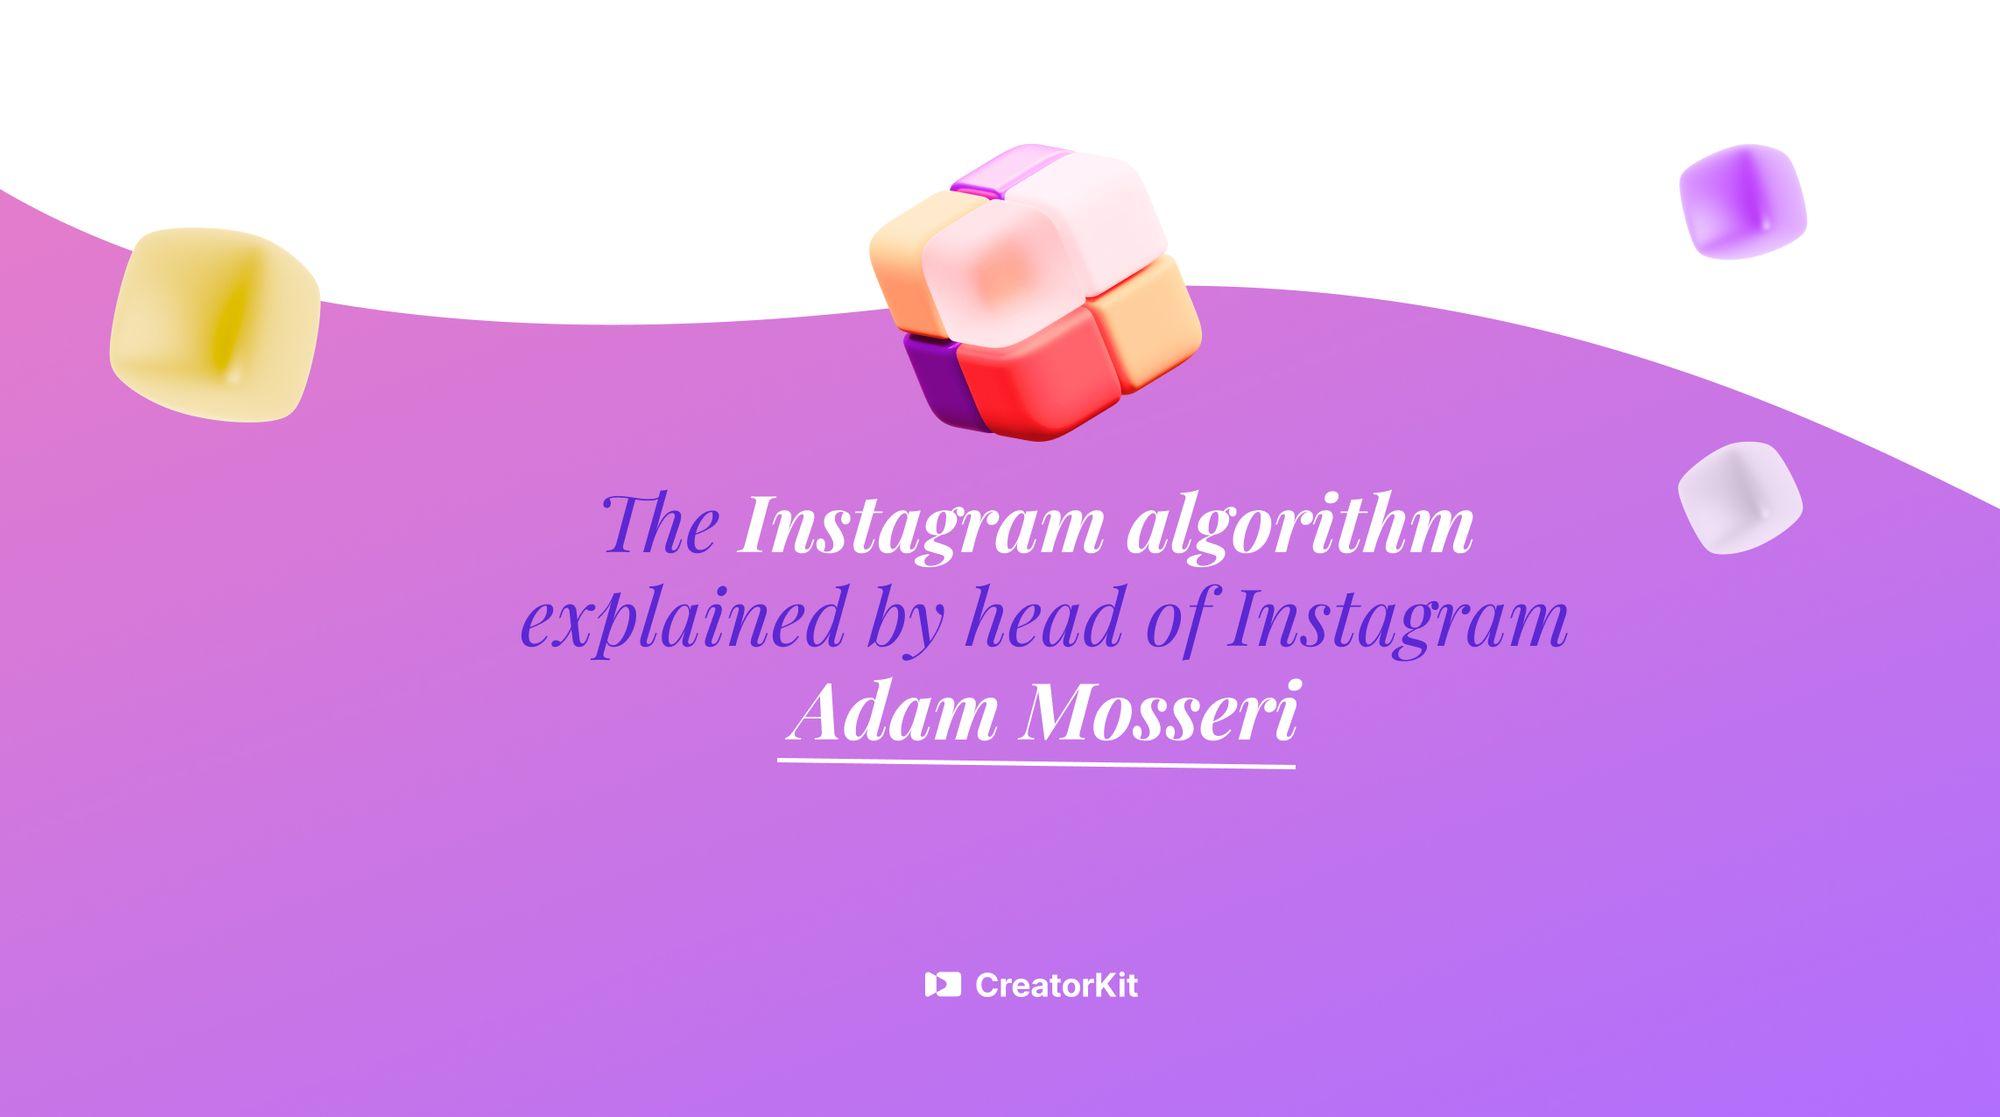 instagram algorithm explained by Adam Mosseri